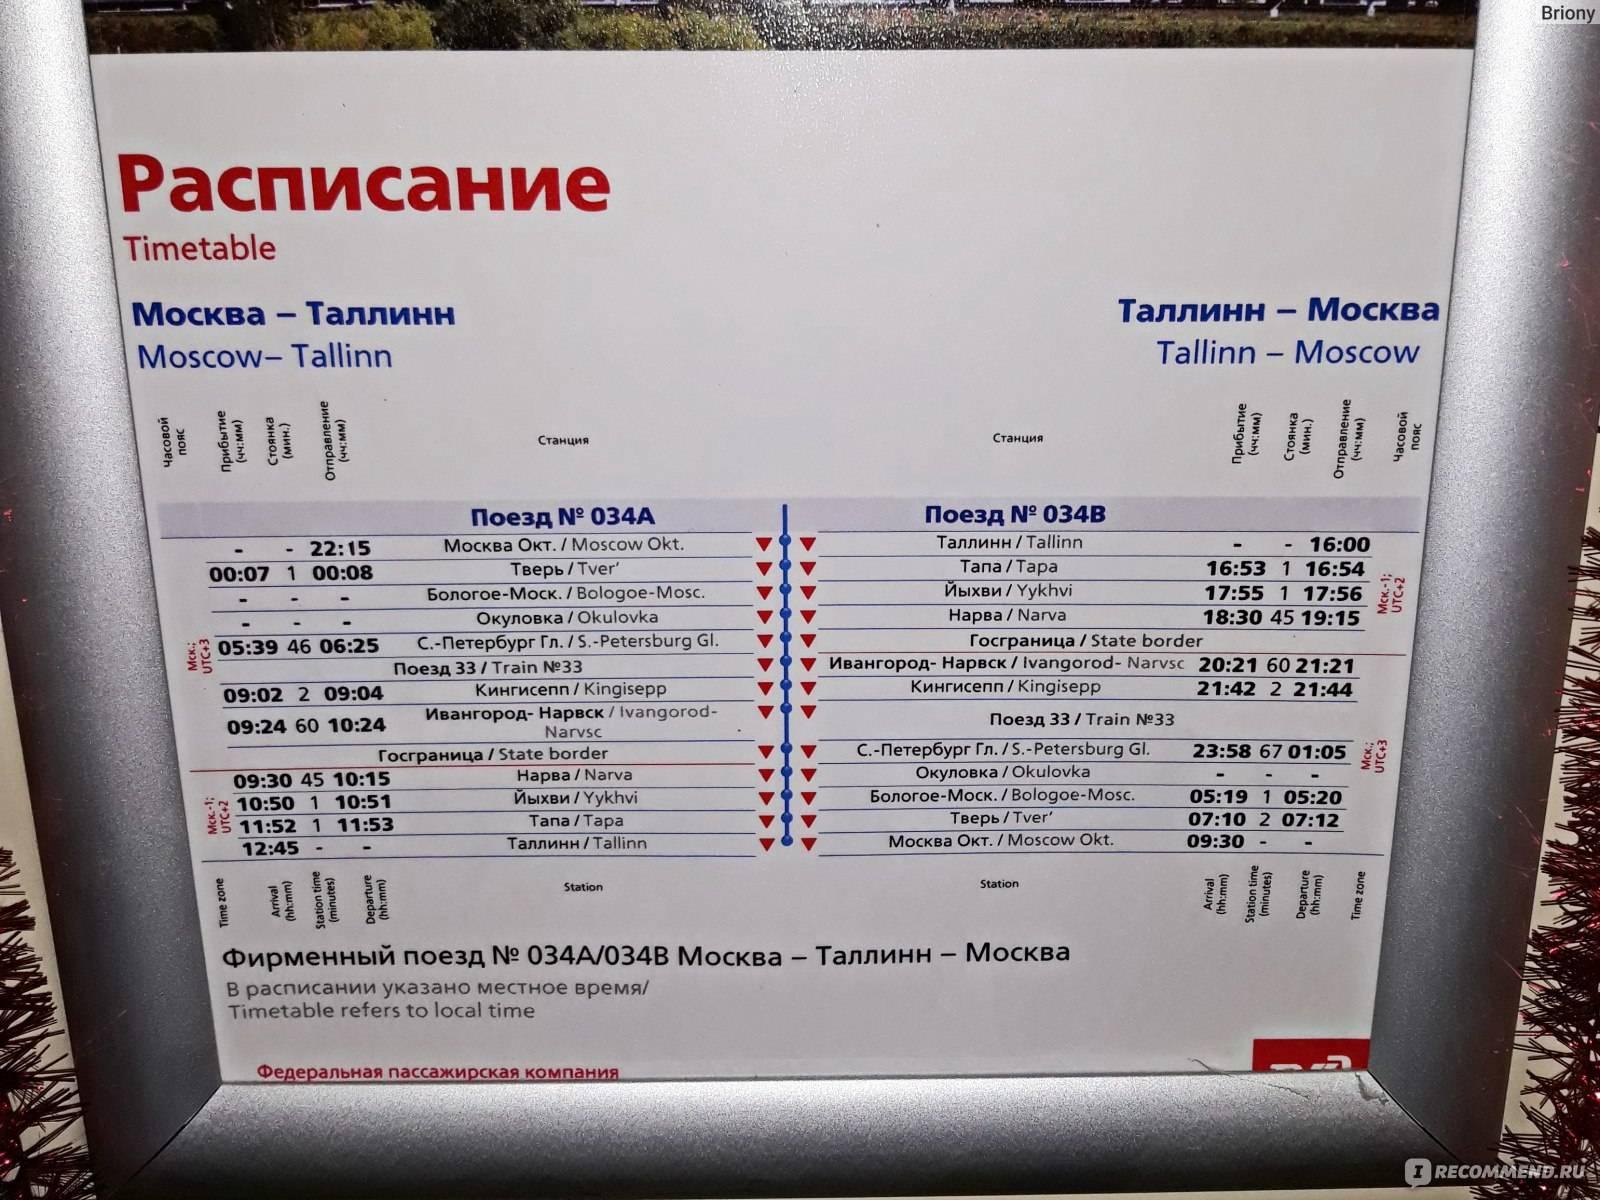 Расписание рейсовых автобусов из москвы в ригу